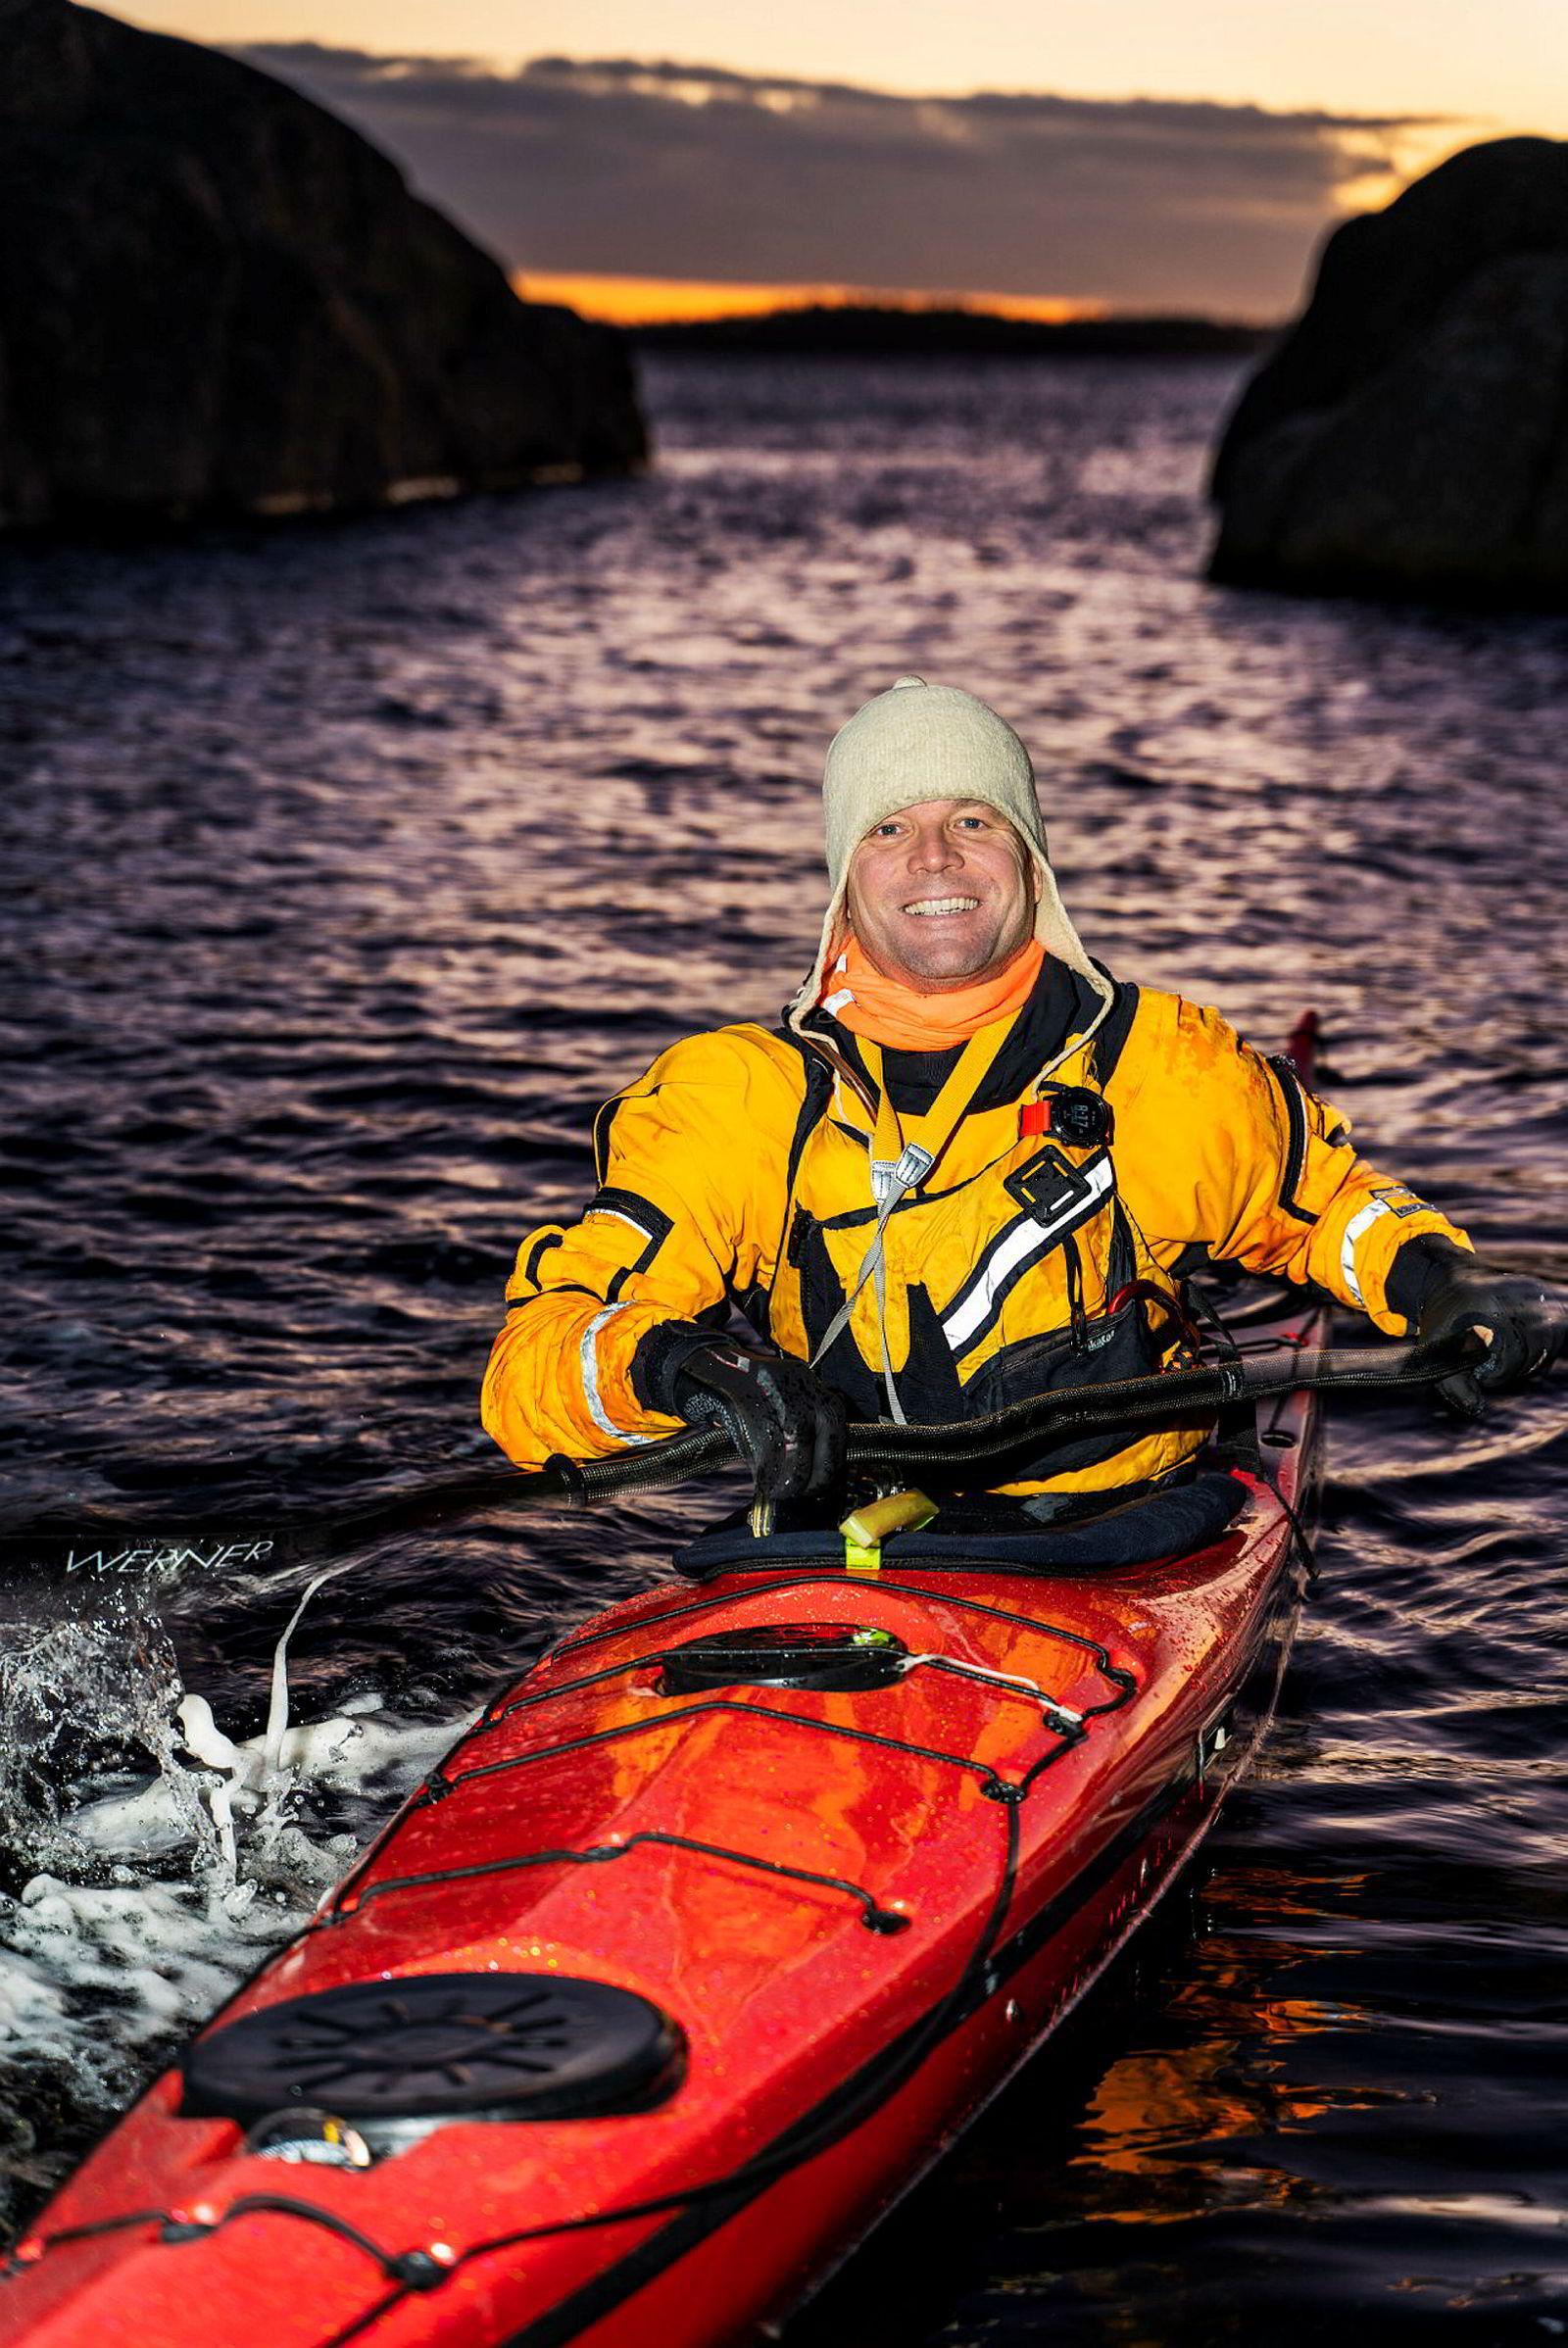 Vinterpadling krever forsiktighet, og det kan lett oppstå farlige situasjoner dersom nybegynner drar ut på vintertur. Sørg for å være godt nok kledd og utstyrt, og pass på å padle sammen med erfarne folk i starten, er Lars Verkets råd.